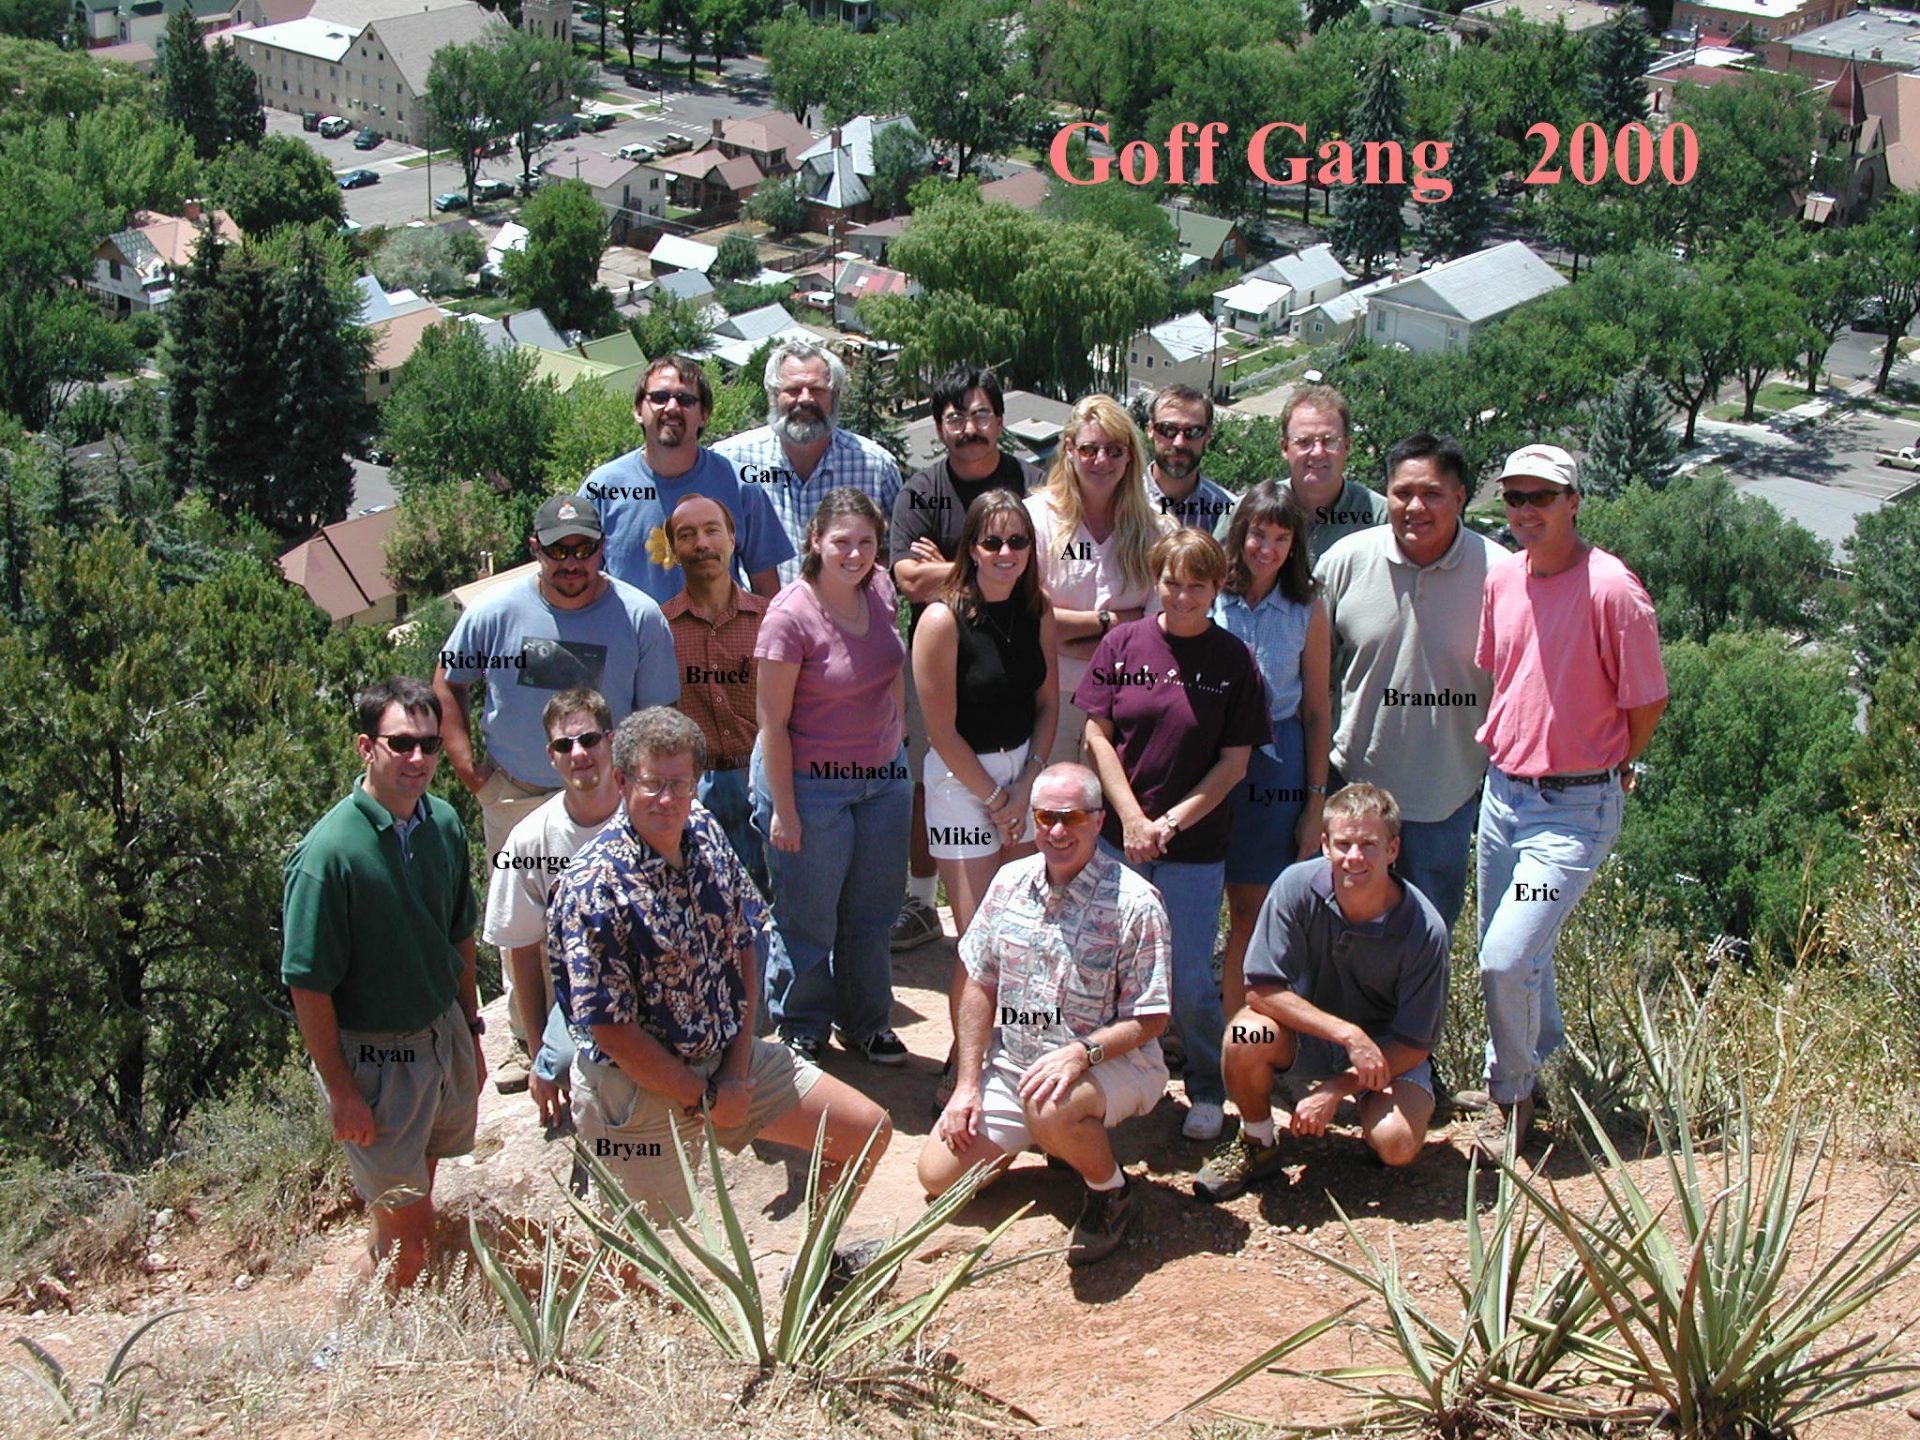 2000 Goff Gang